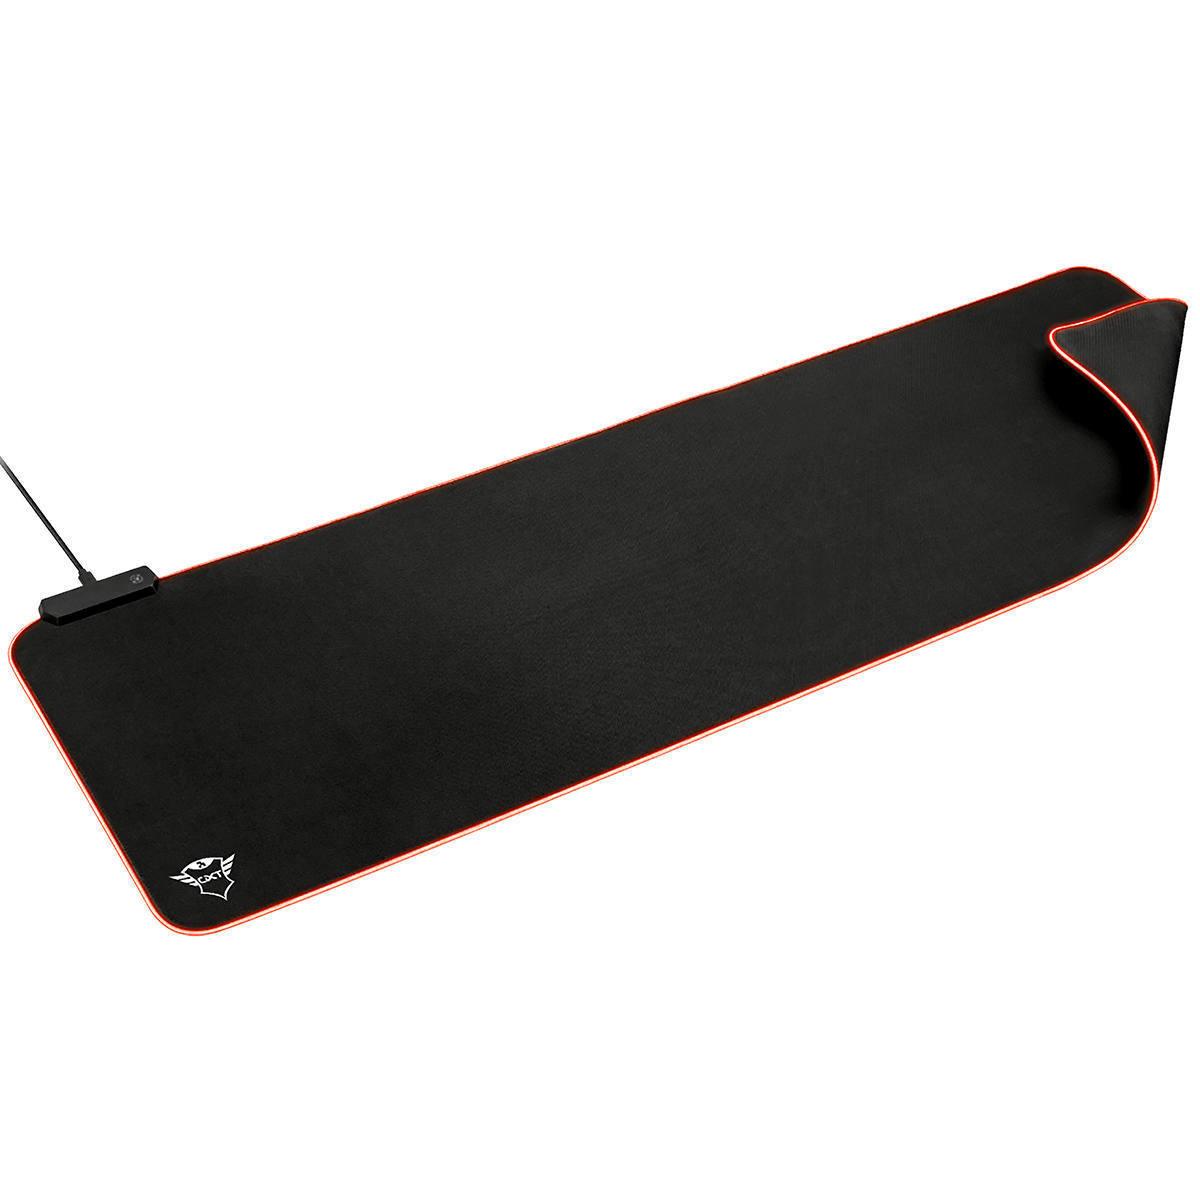 Mouse Pad Gamer XXL 930 x 300 x 3 mm com Iluminação RGB e Textura otimizada GXT 764 Glide Flex RGB Mouse Pad Preto